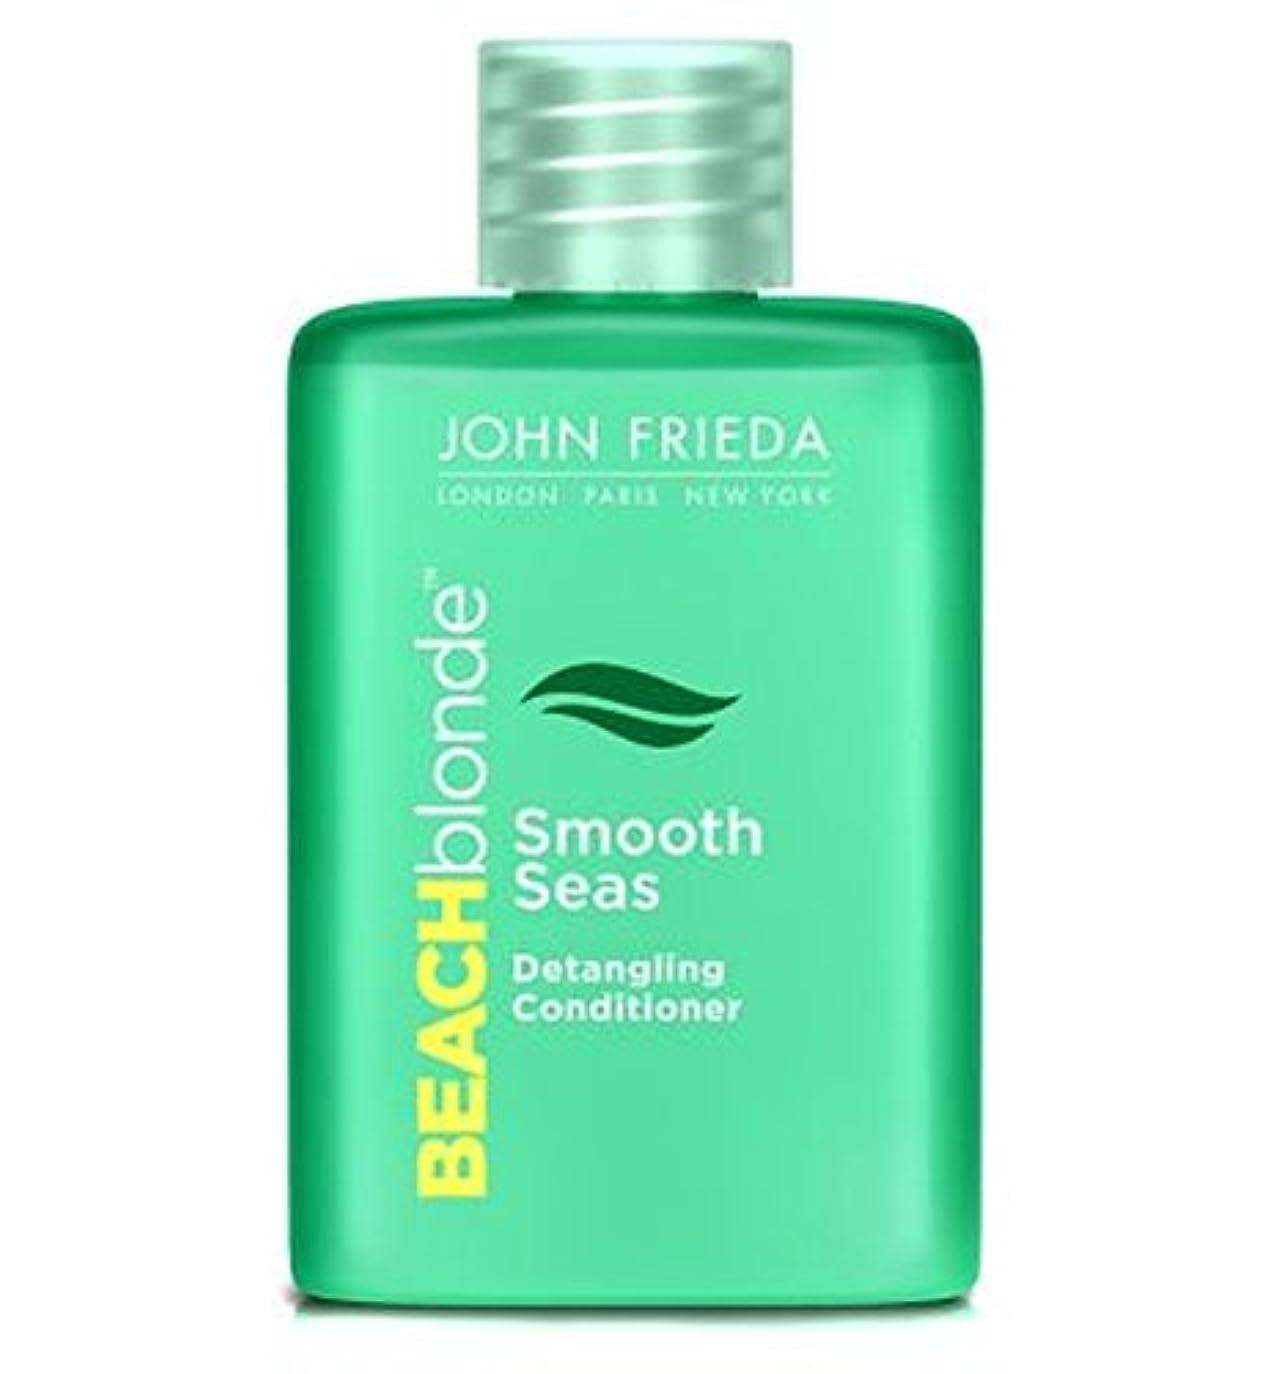 チートびっくり効能あるコンディショナー50ミリリットルをもつれ解除ジョンFrieda?ビーチブロンド滑らかな海 (John Frieda) (x2) - John Frieda? Beach Blonde Smooth Seas Detangling...